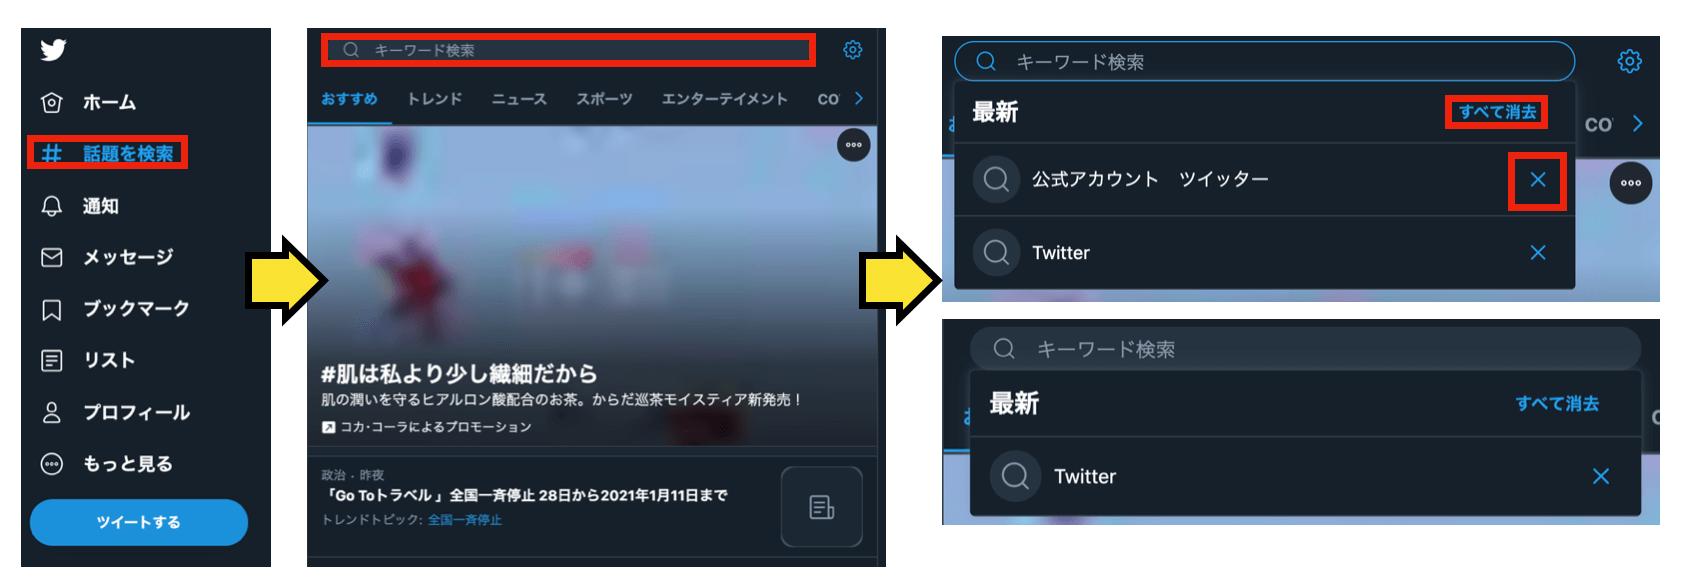 PCでTwitterの検索履歴を削除する方法